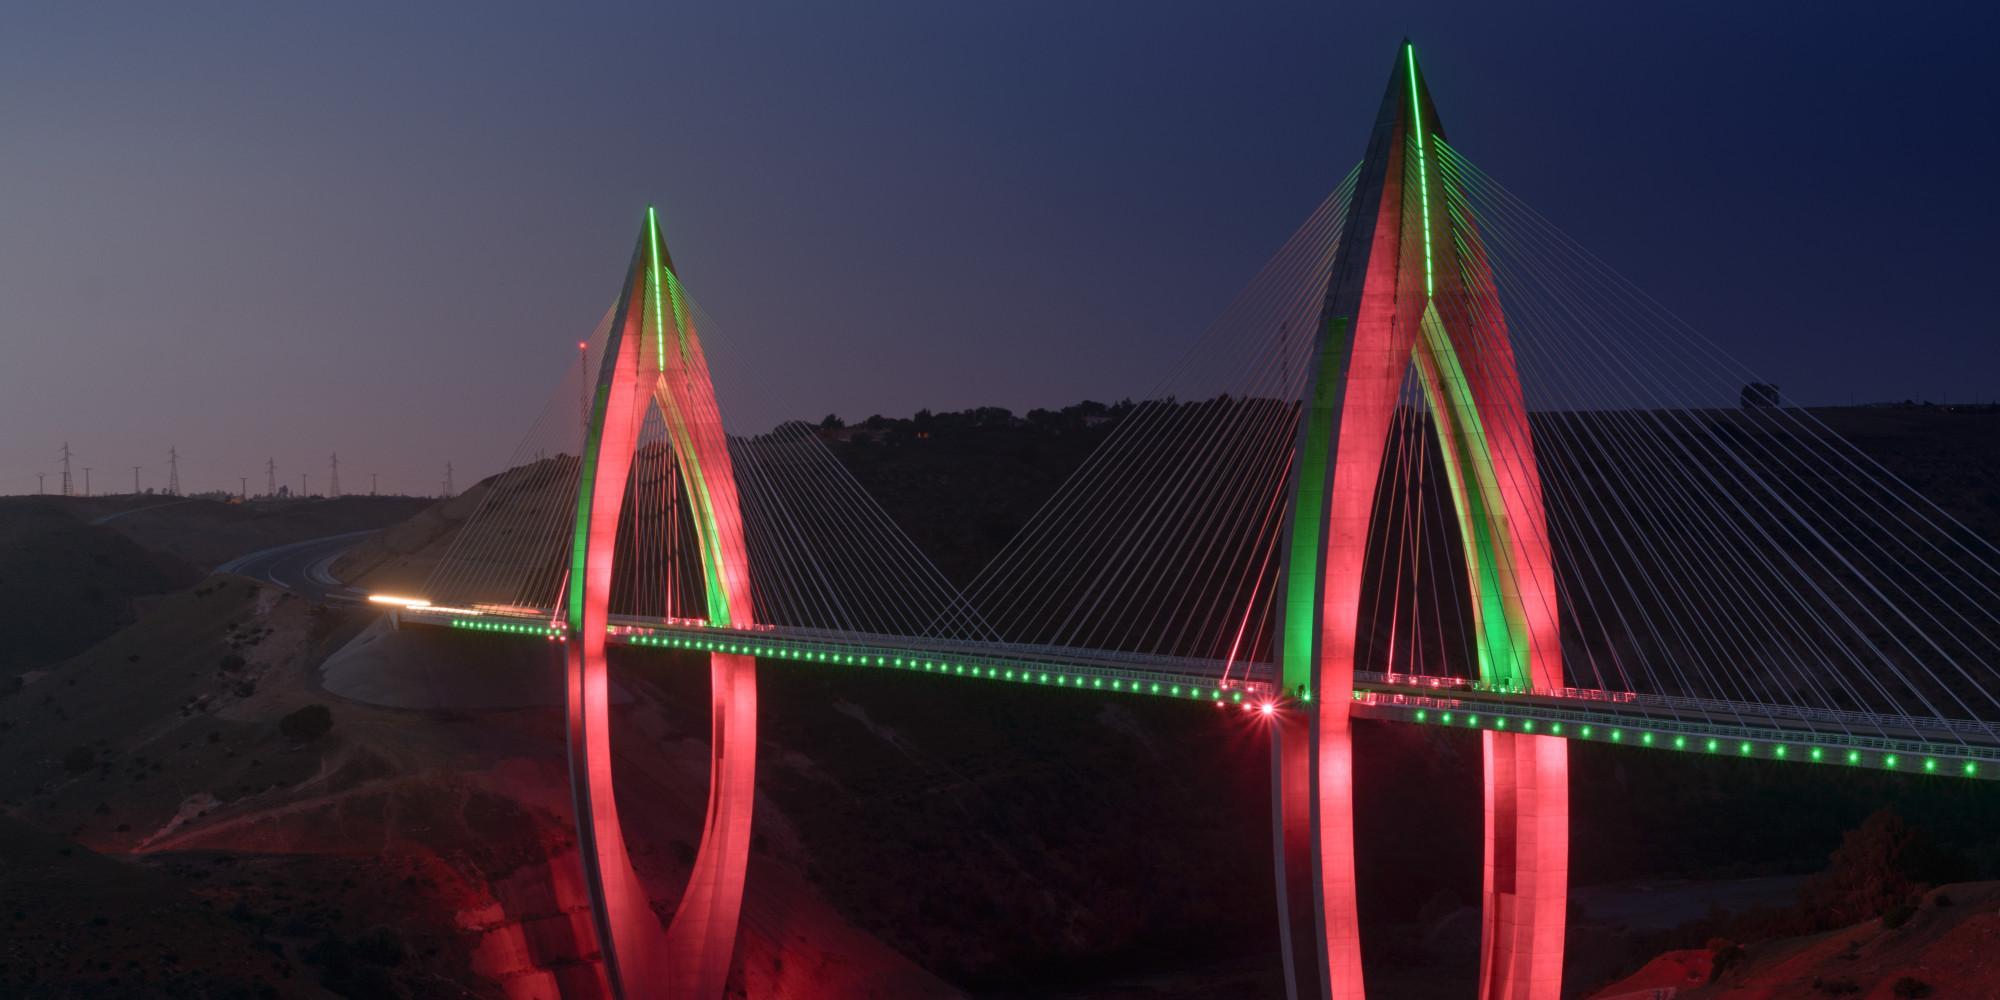 Pont_a_haubans.jpg